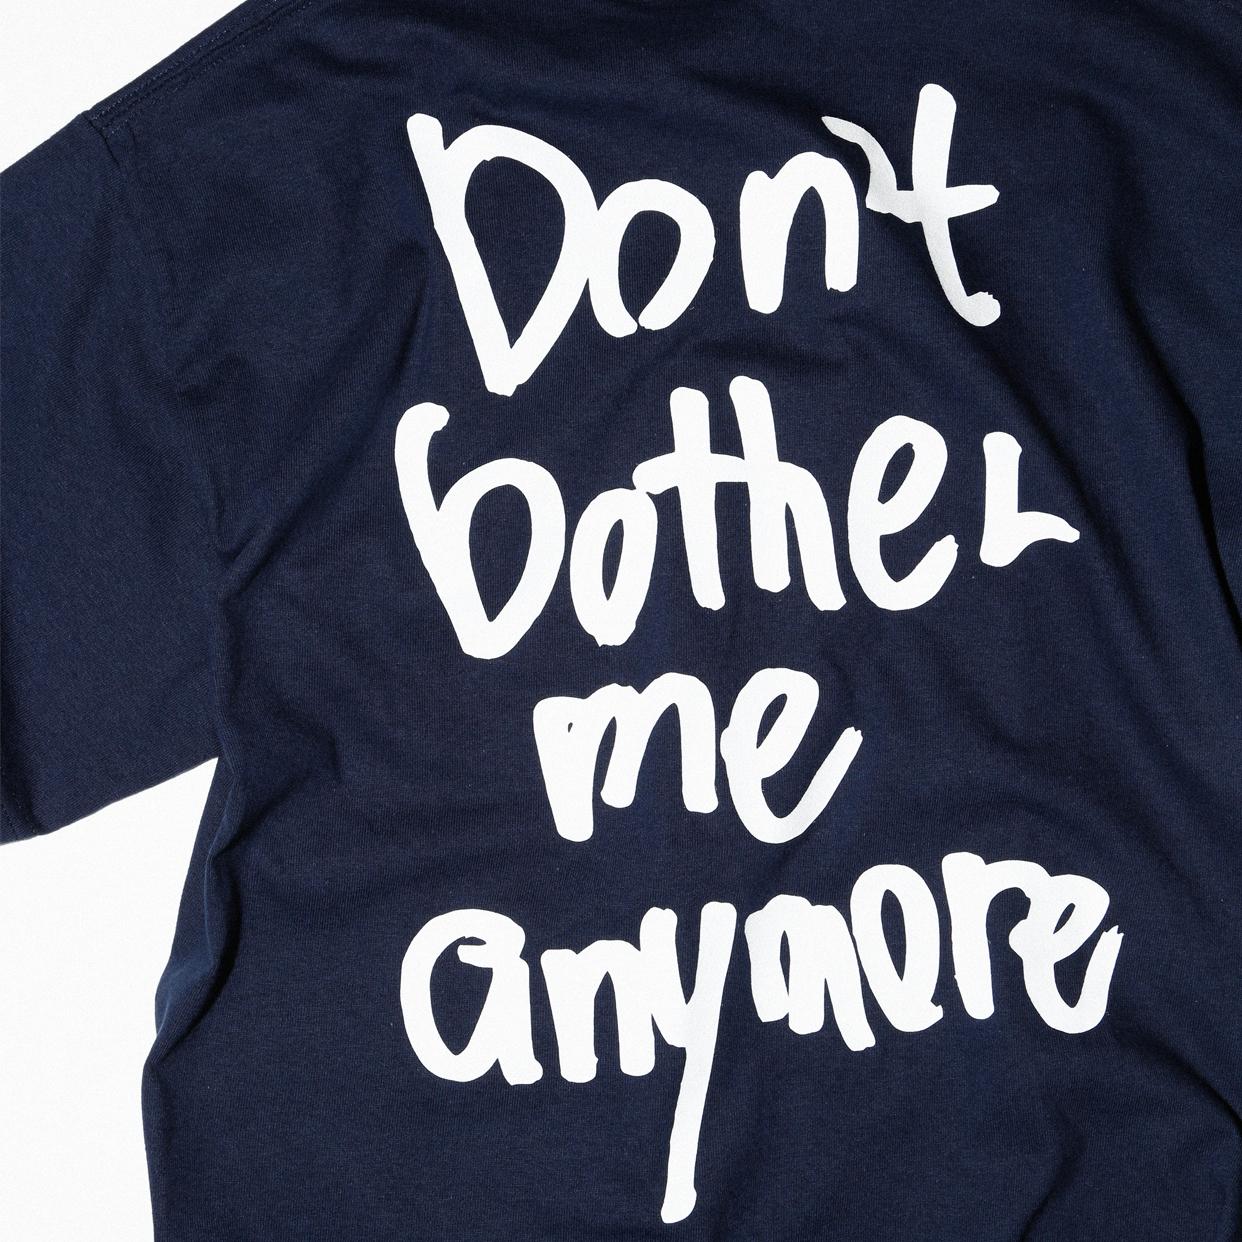 「人生に無駄なんてない!」と信じている奴らに着てほしいTシャツ。